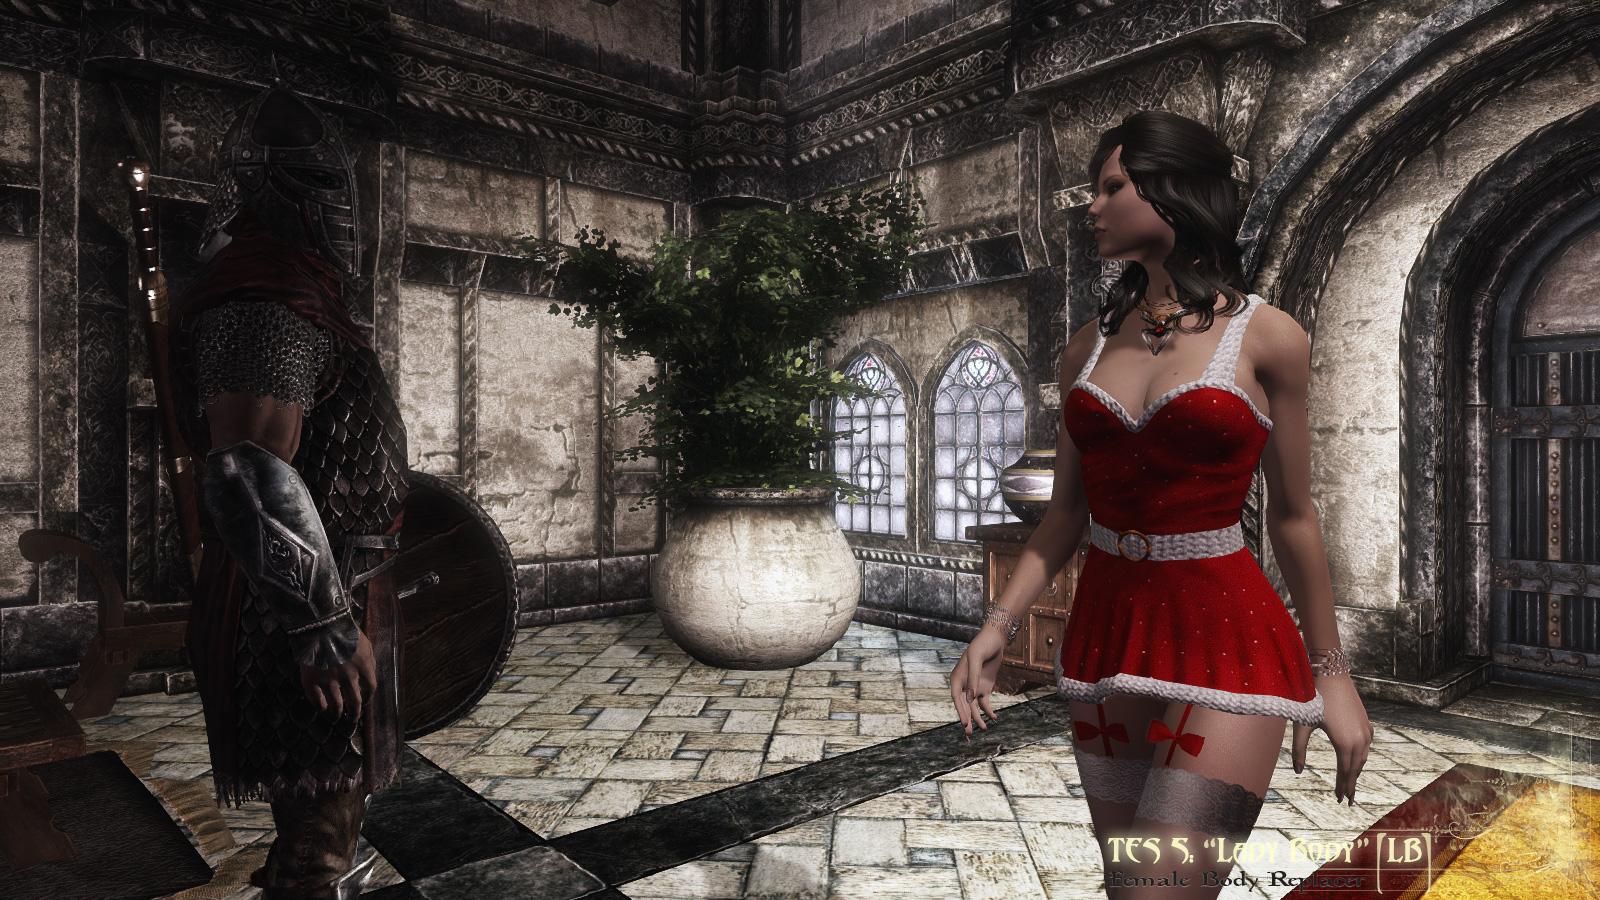 [LB]_Santa_Babe.jpg